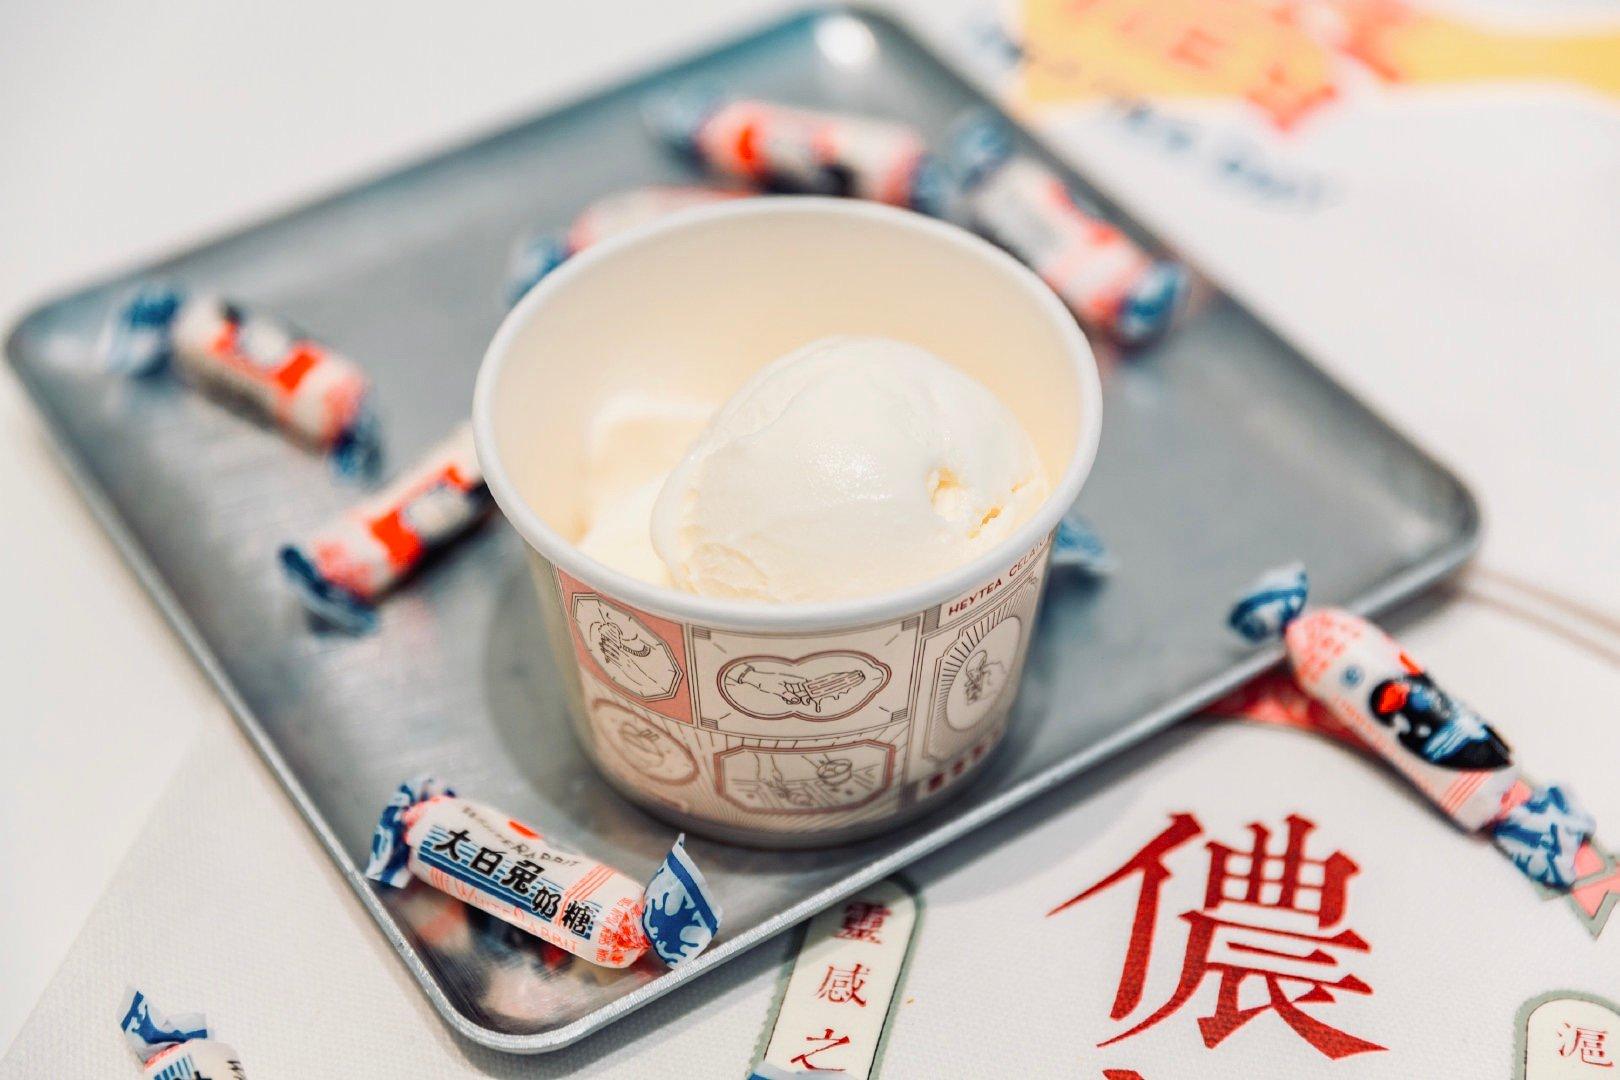 喜茶 冰激凌